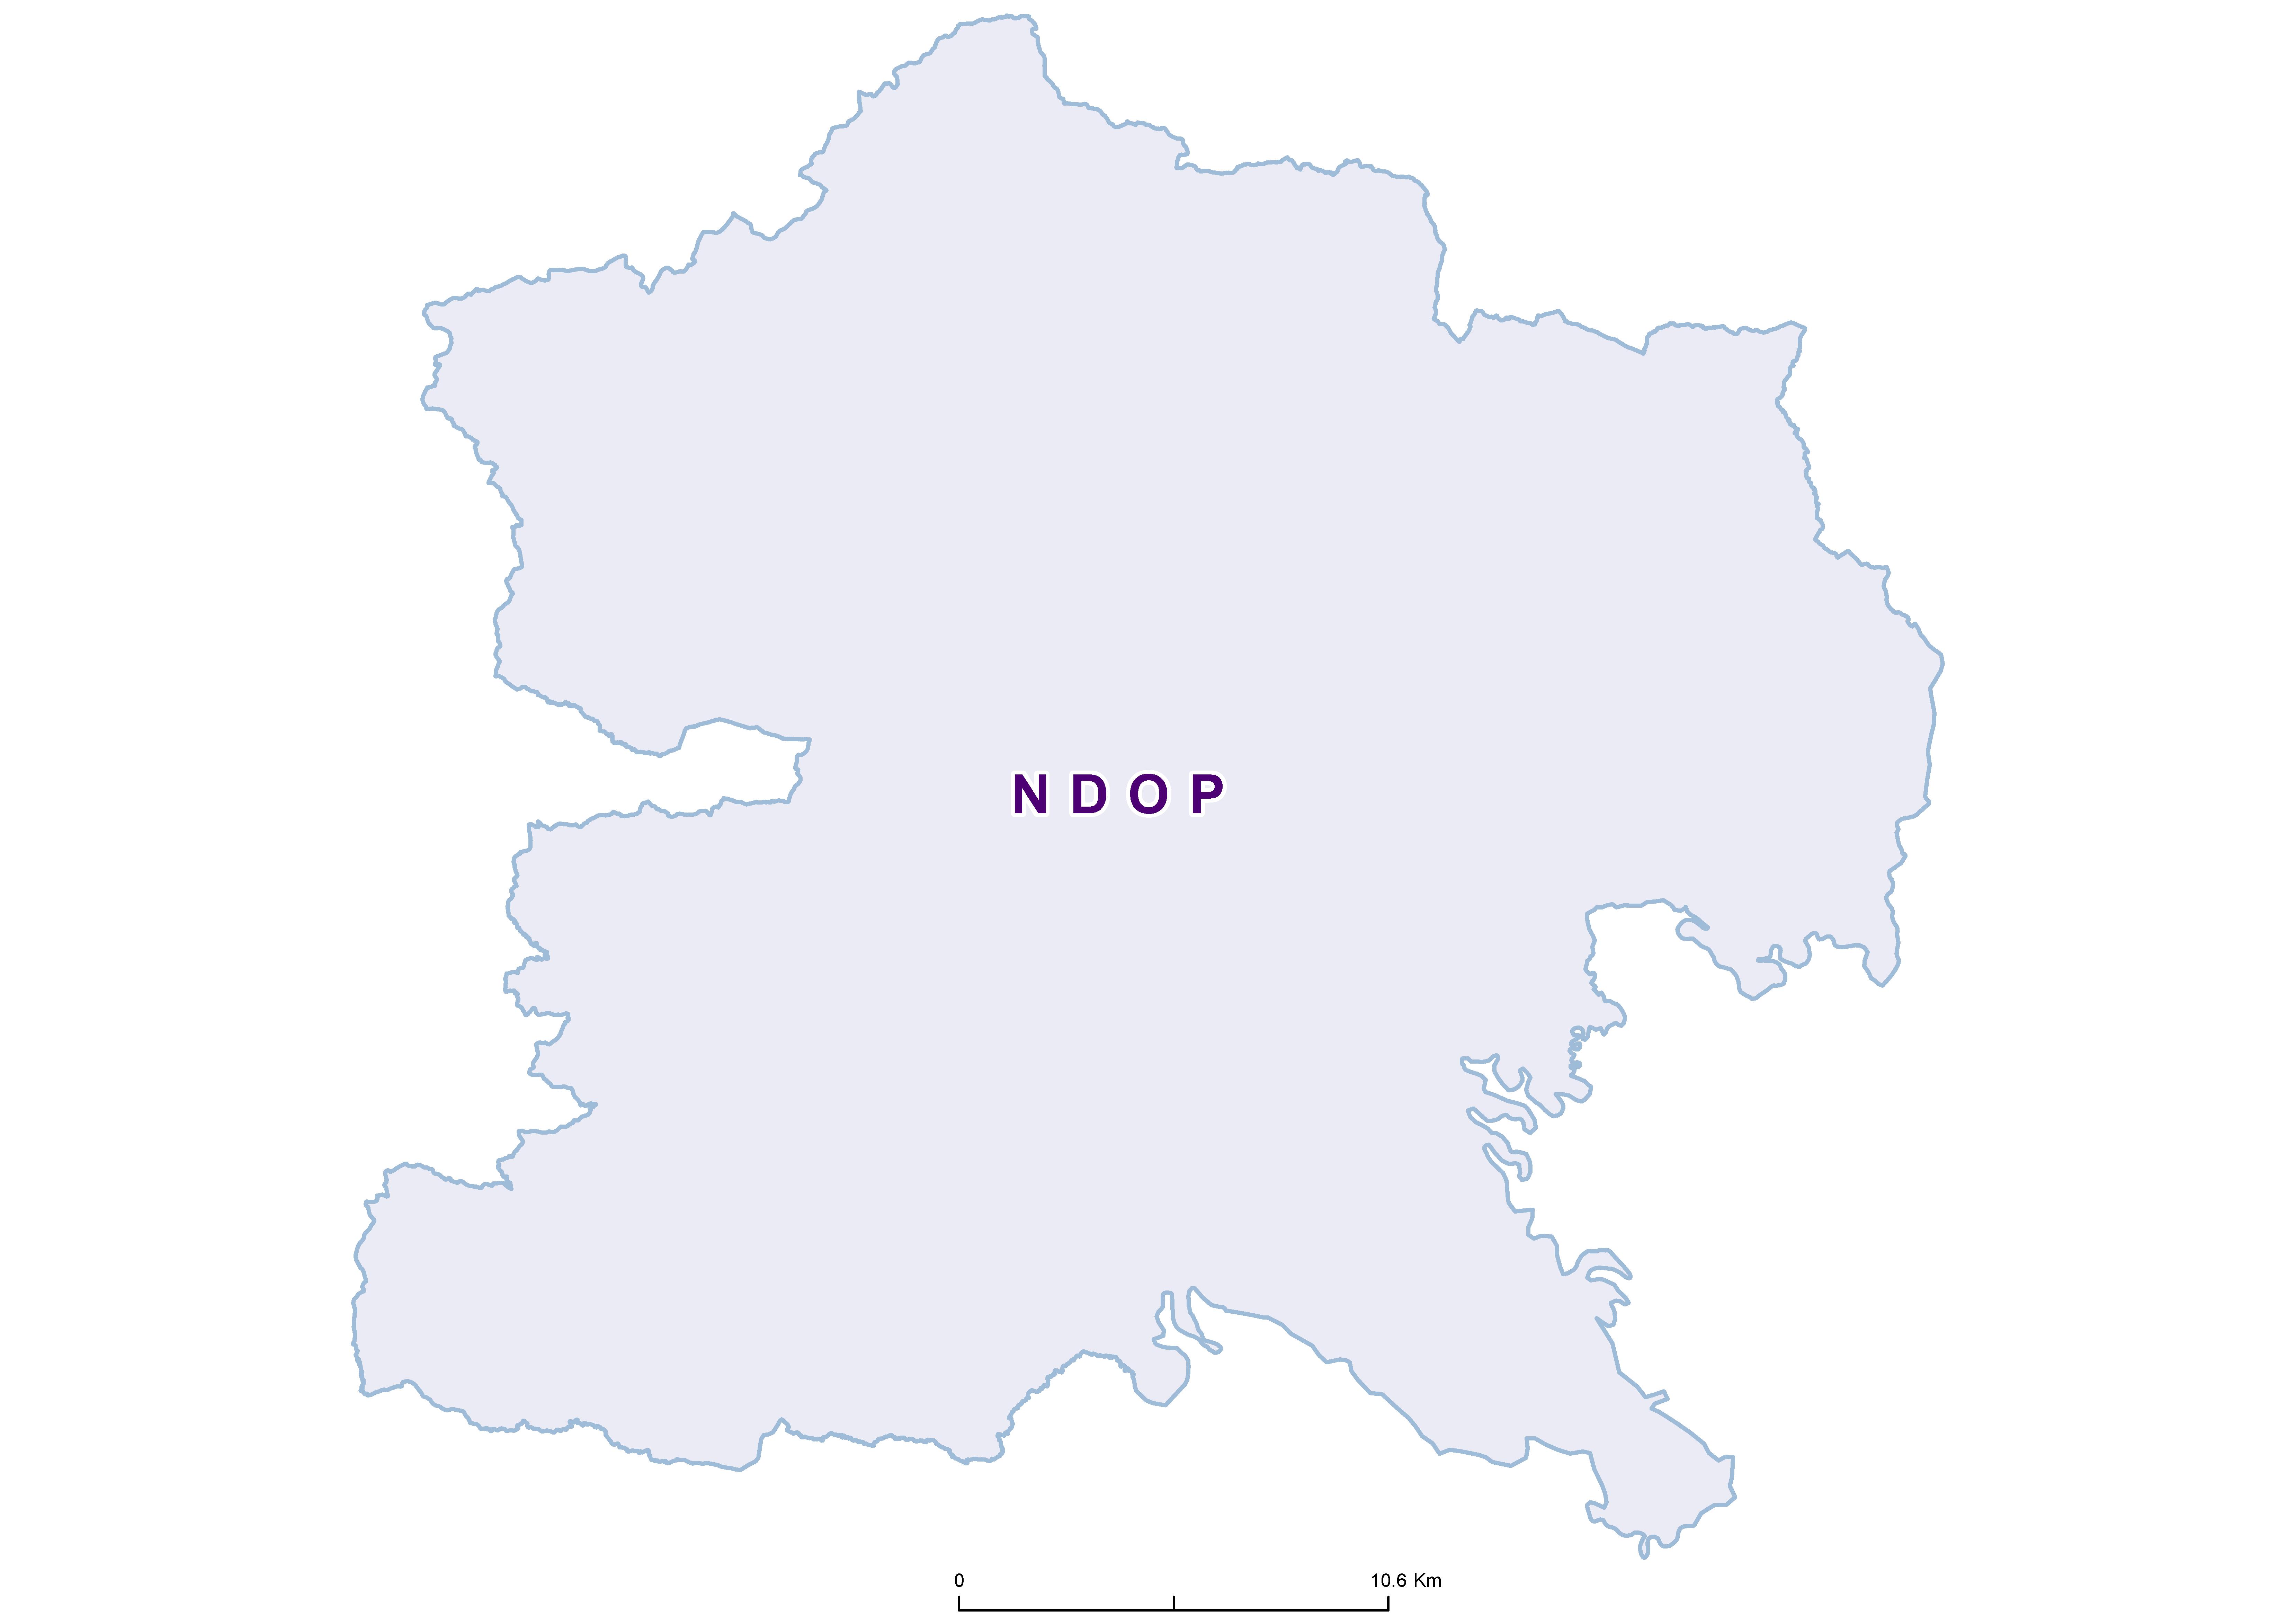 Ndop Mean SCH 20180001